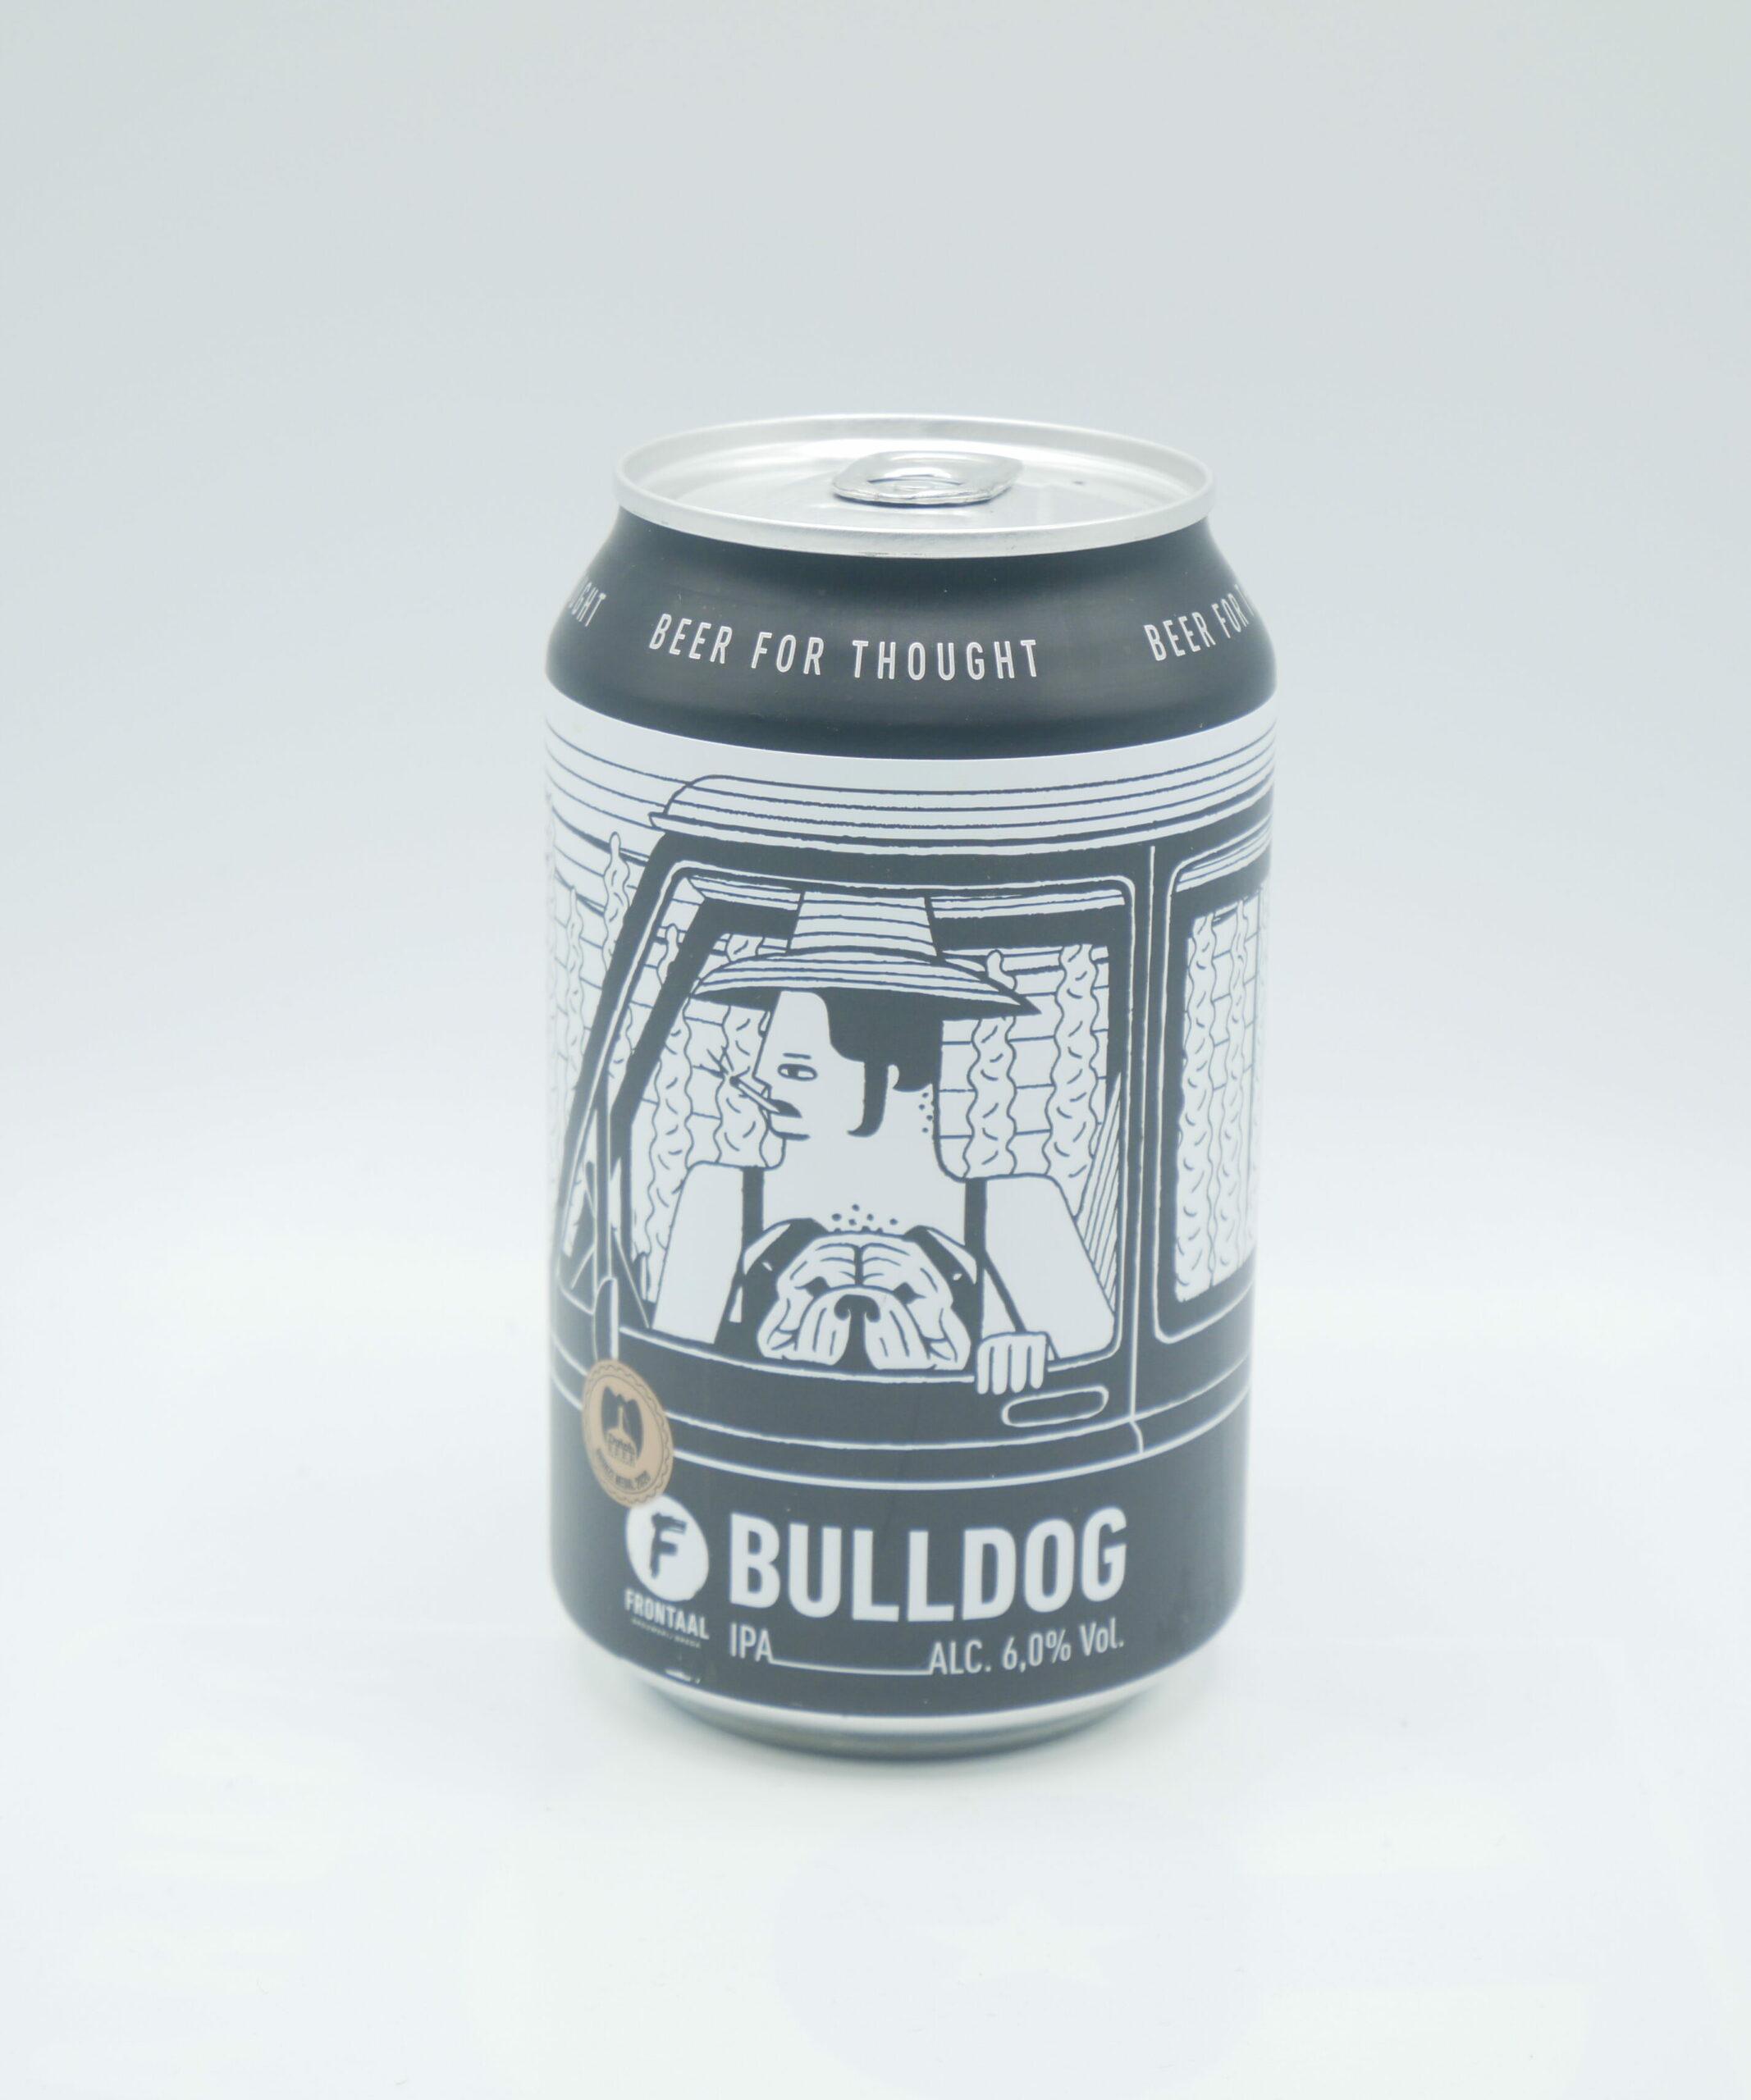 Img Bulldog